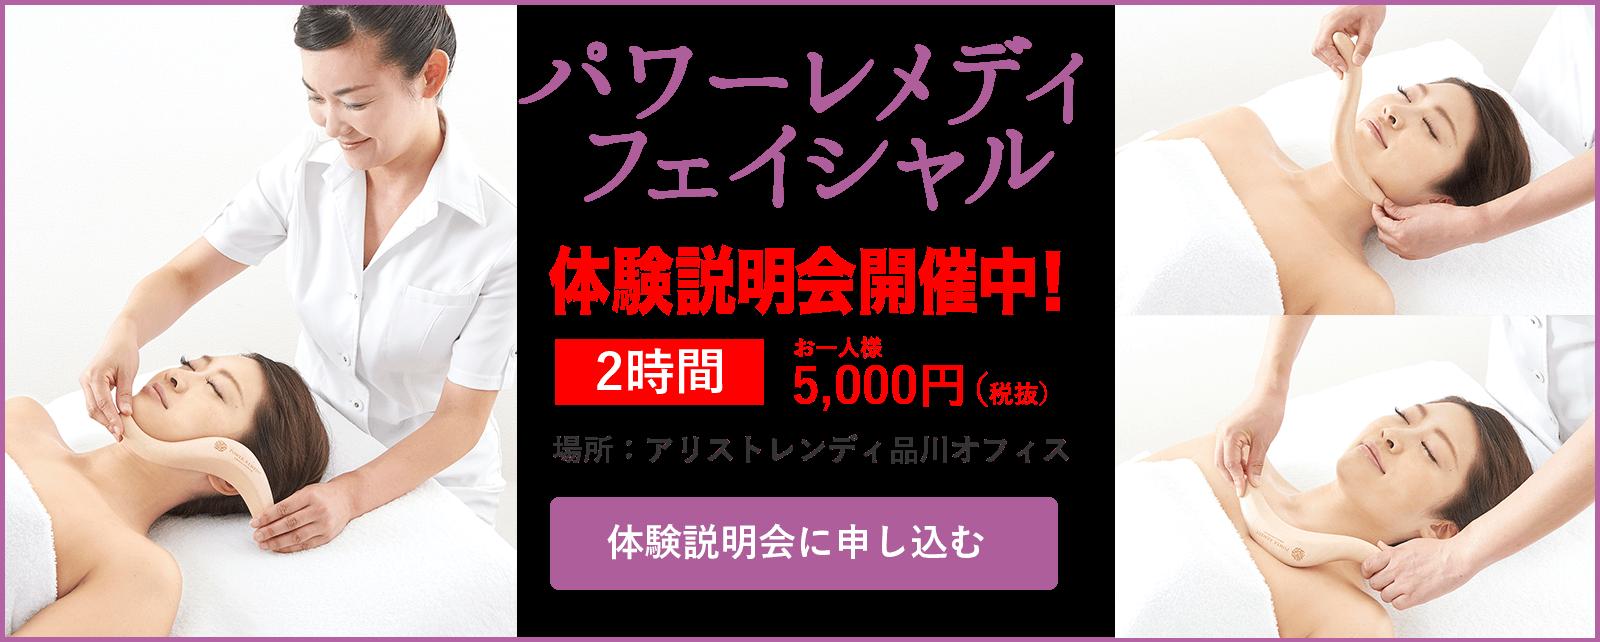 パワーレメメディ フェイシャル体験説明会